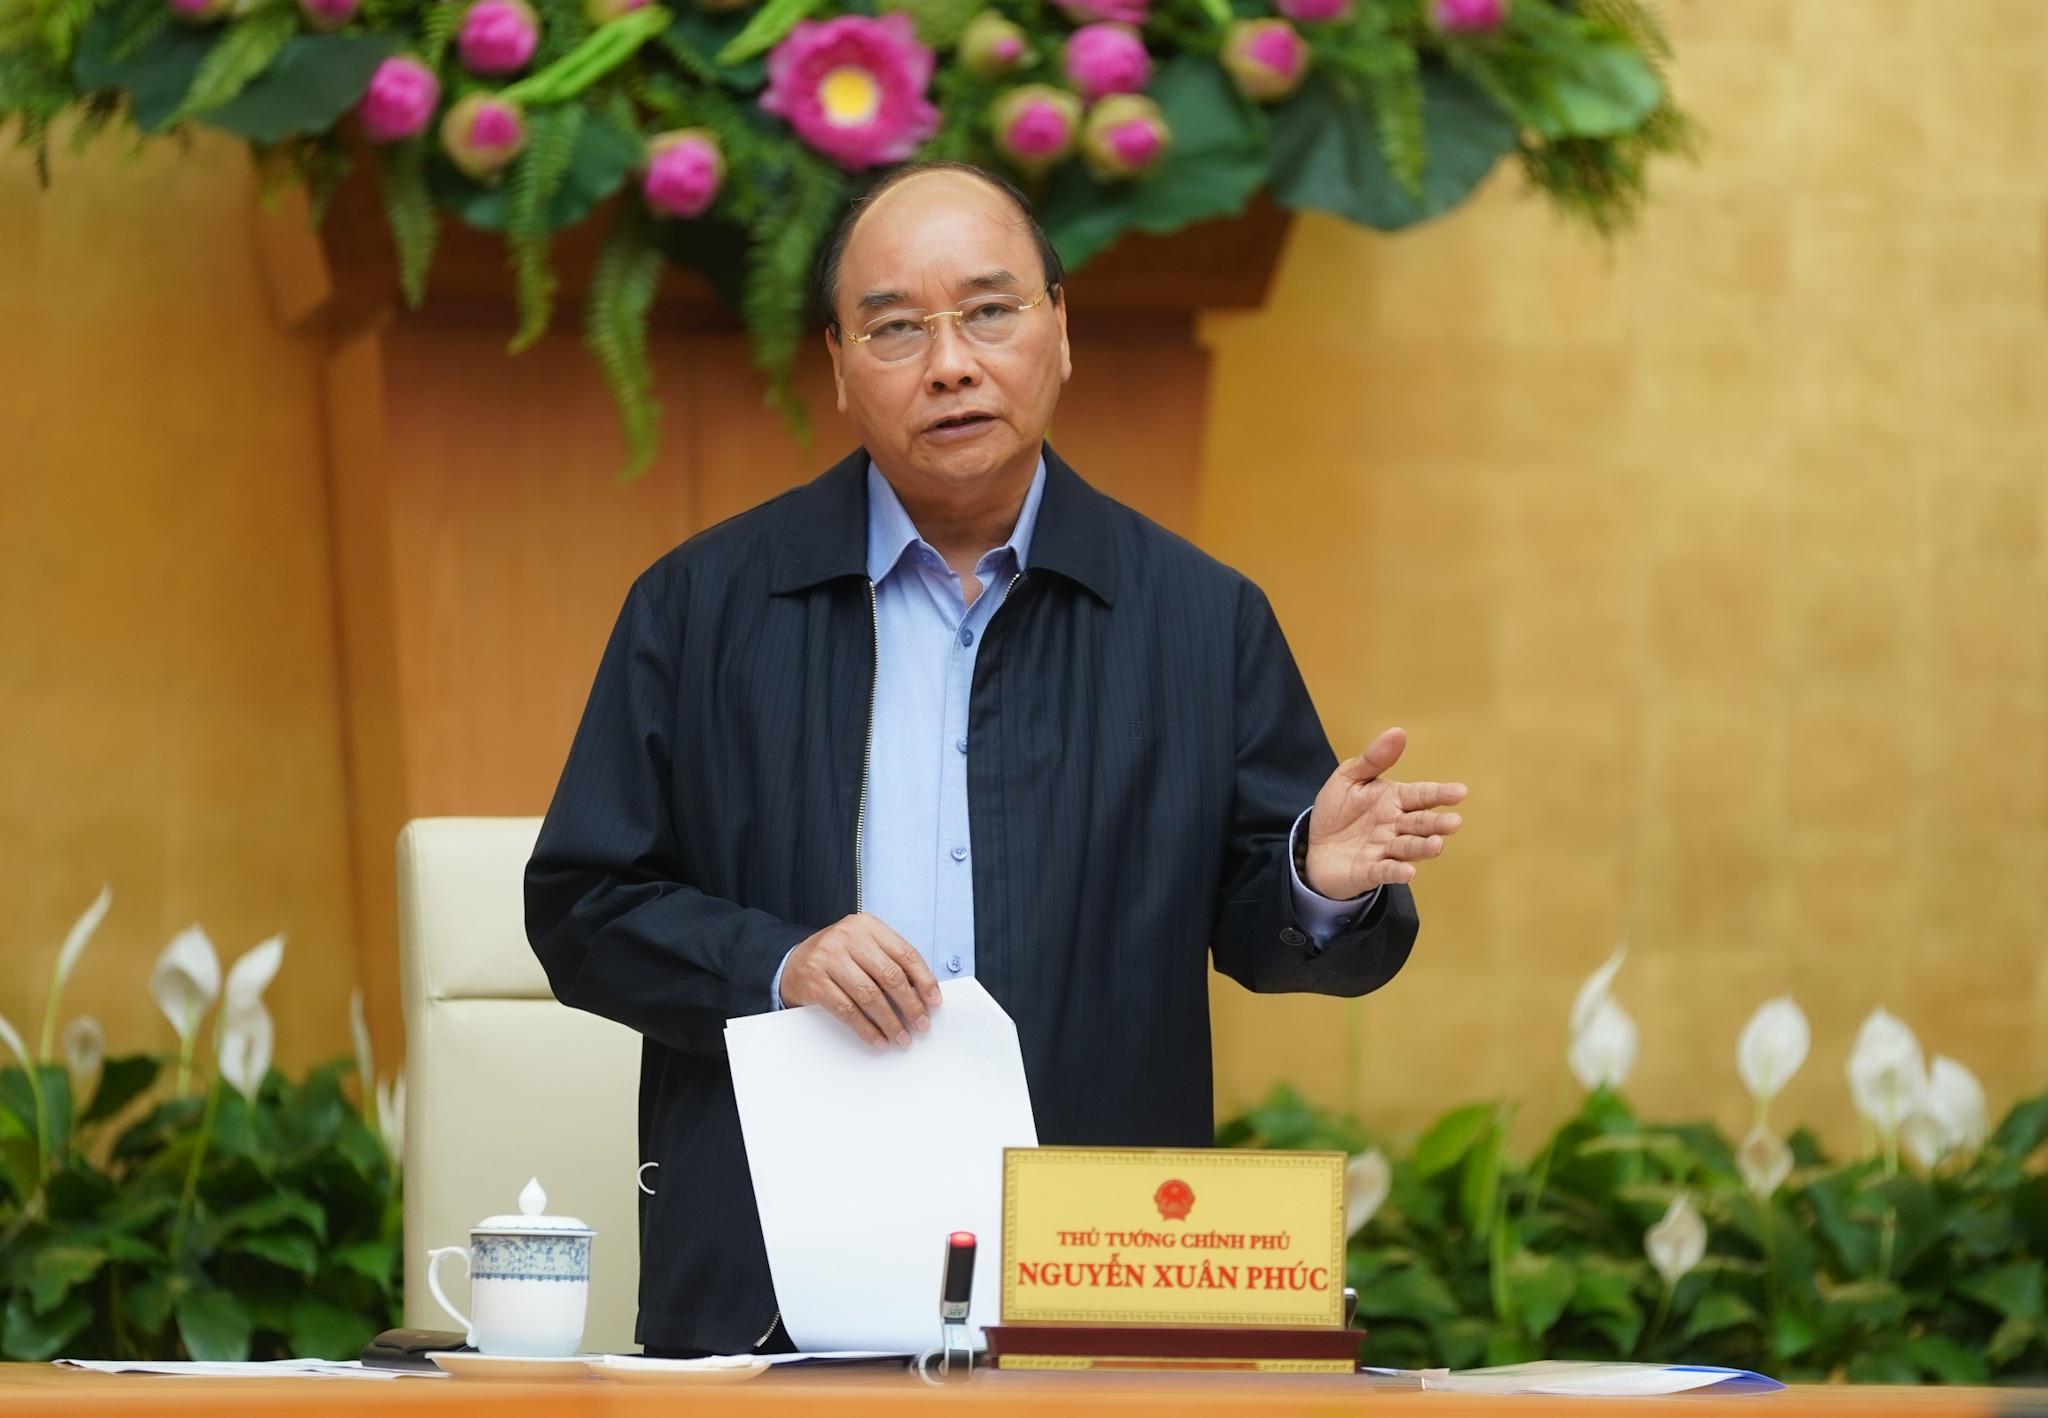 Việt Nam còn dư 6,7 triệu tấn gạo, Bộ Công Thương đề xuất cho tiếp tục xuất khẩu 4